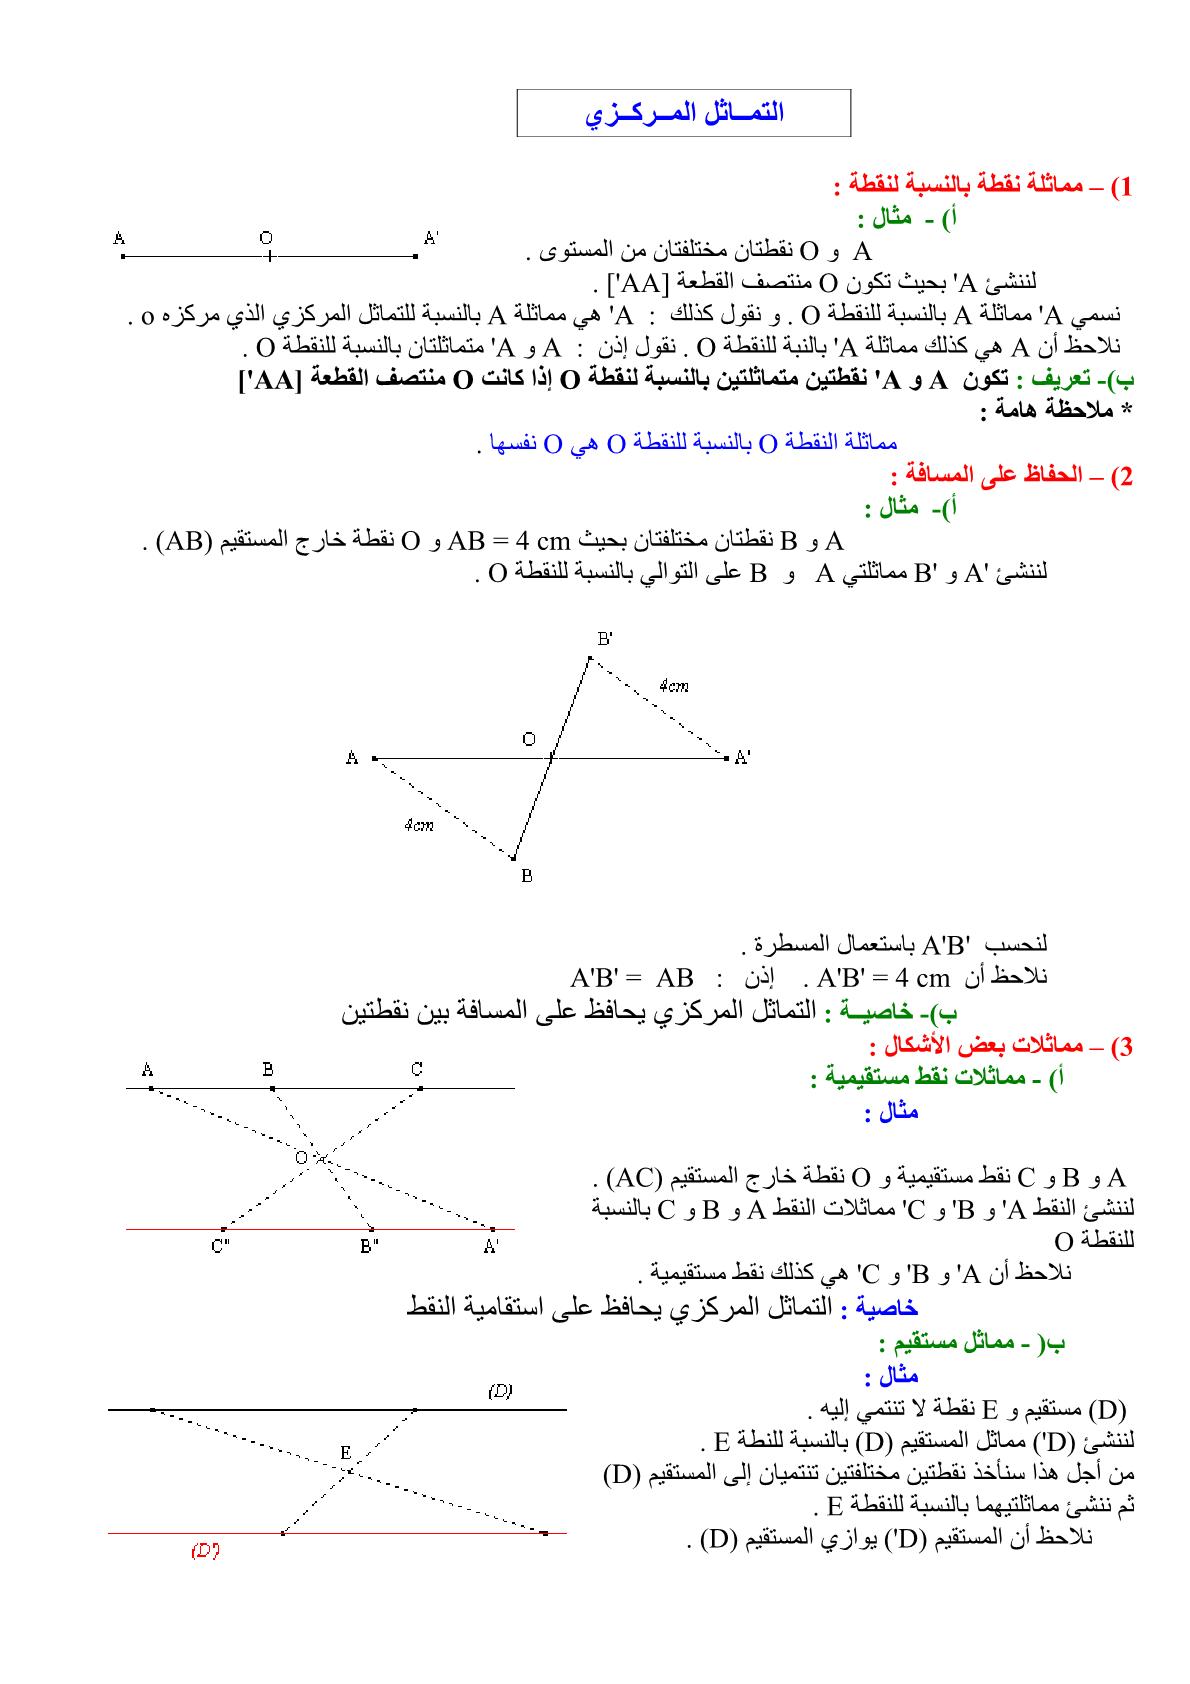 درس التماثل المركزي مادة الرياضيات للسنة الاولى اعدادي